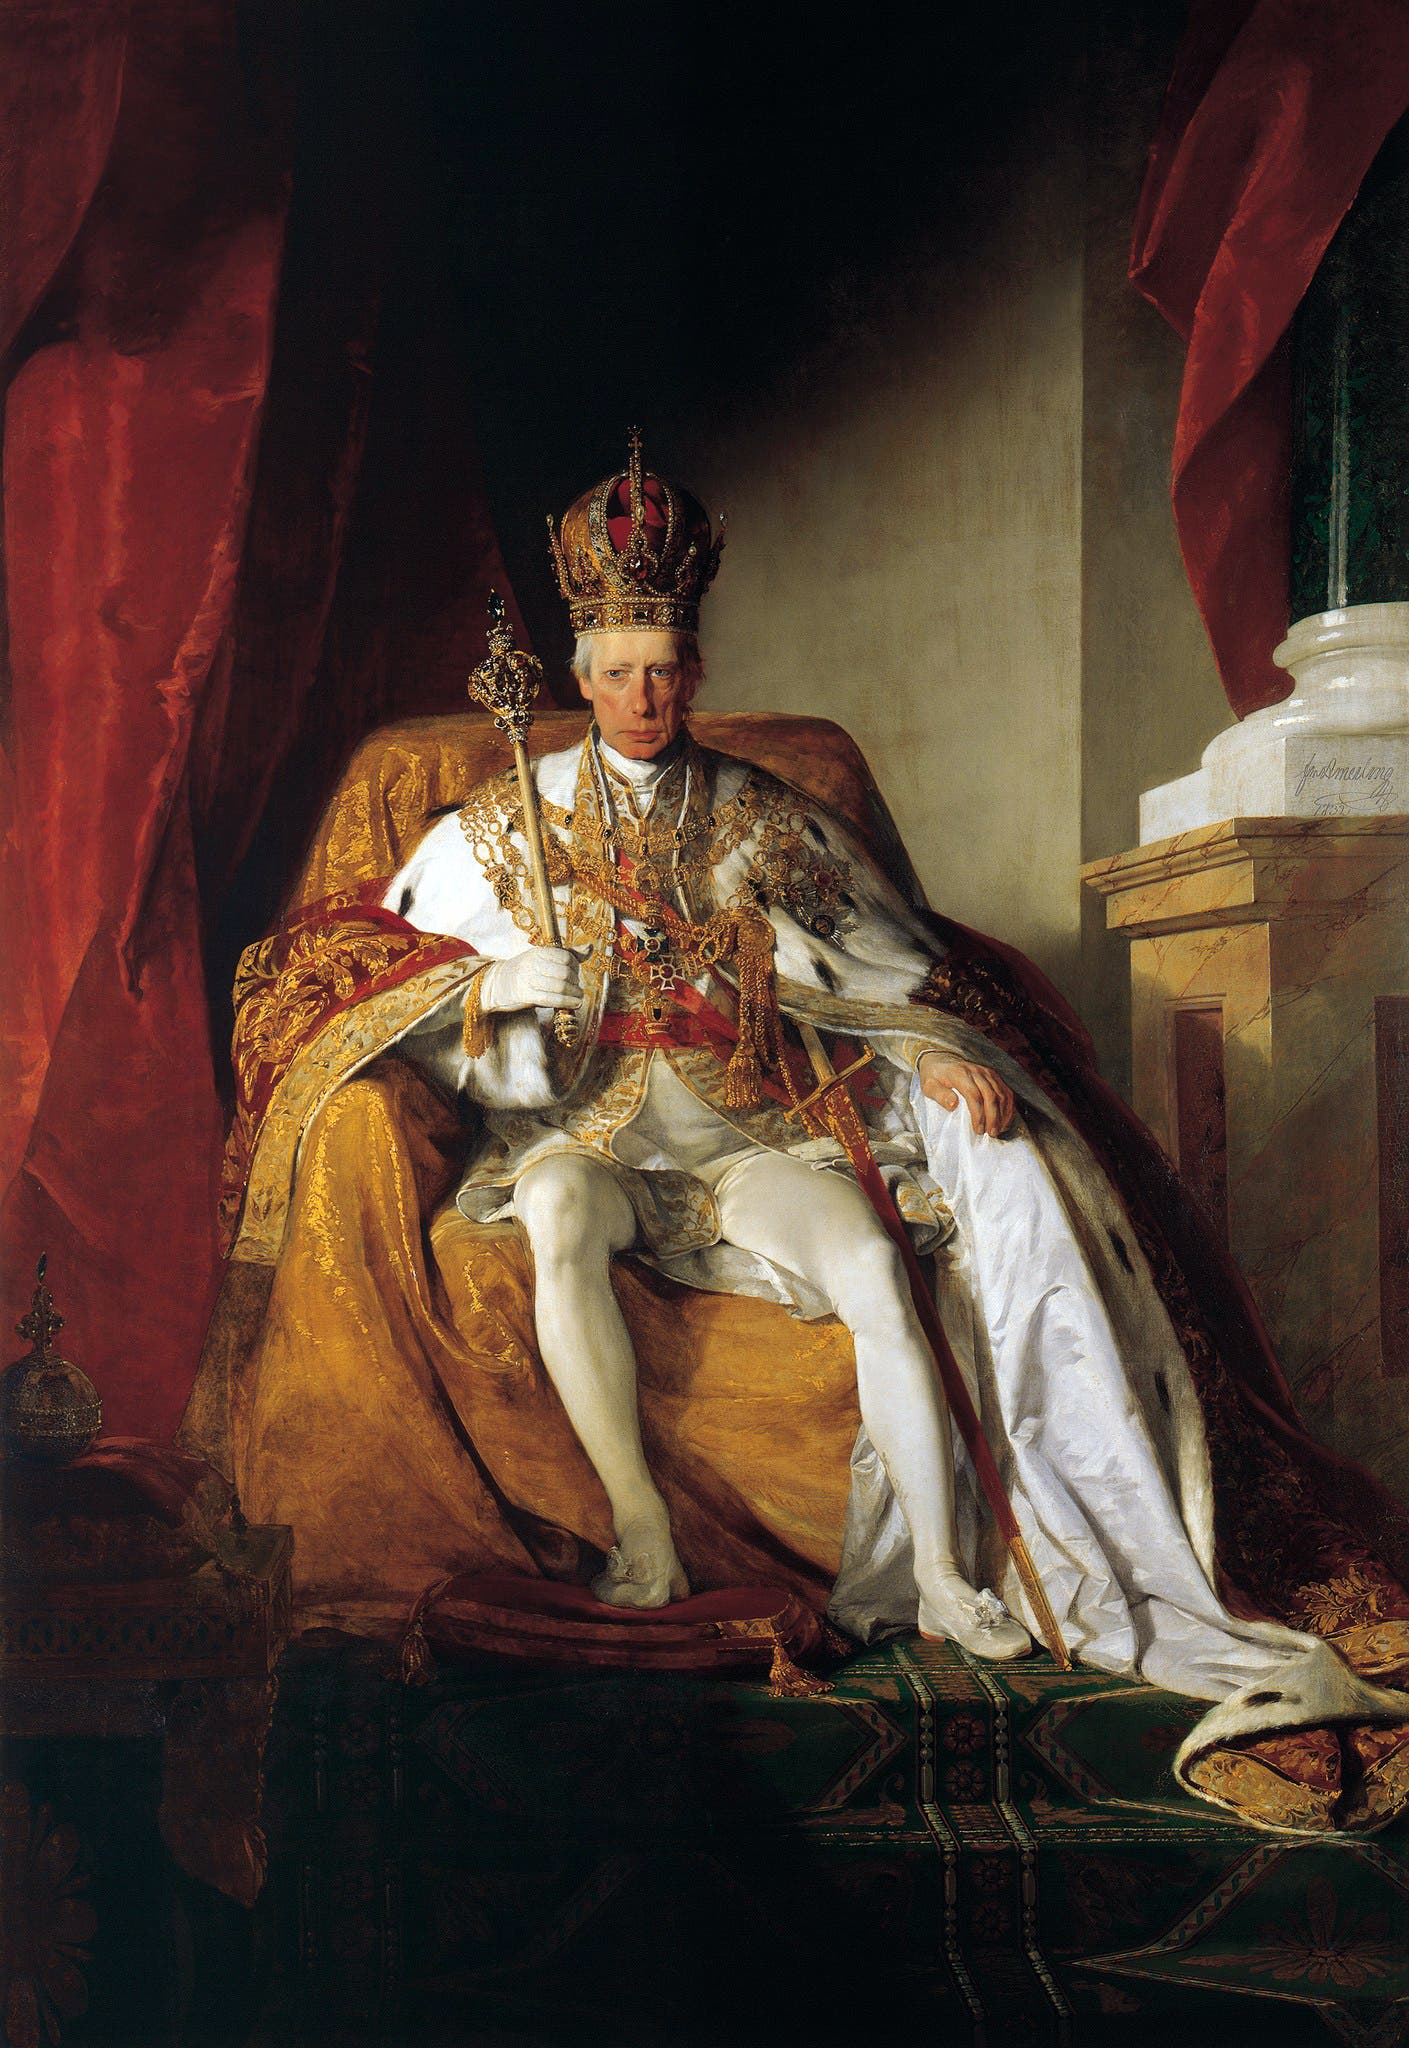 لوحة تجسد الإمبراطور النمساوي فرانسيس الثاني